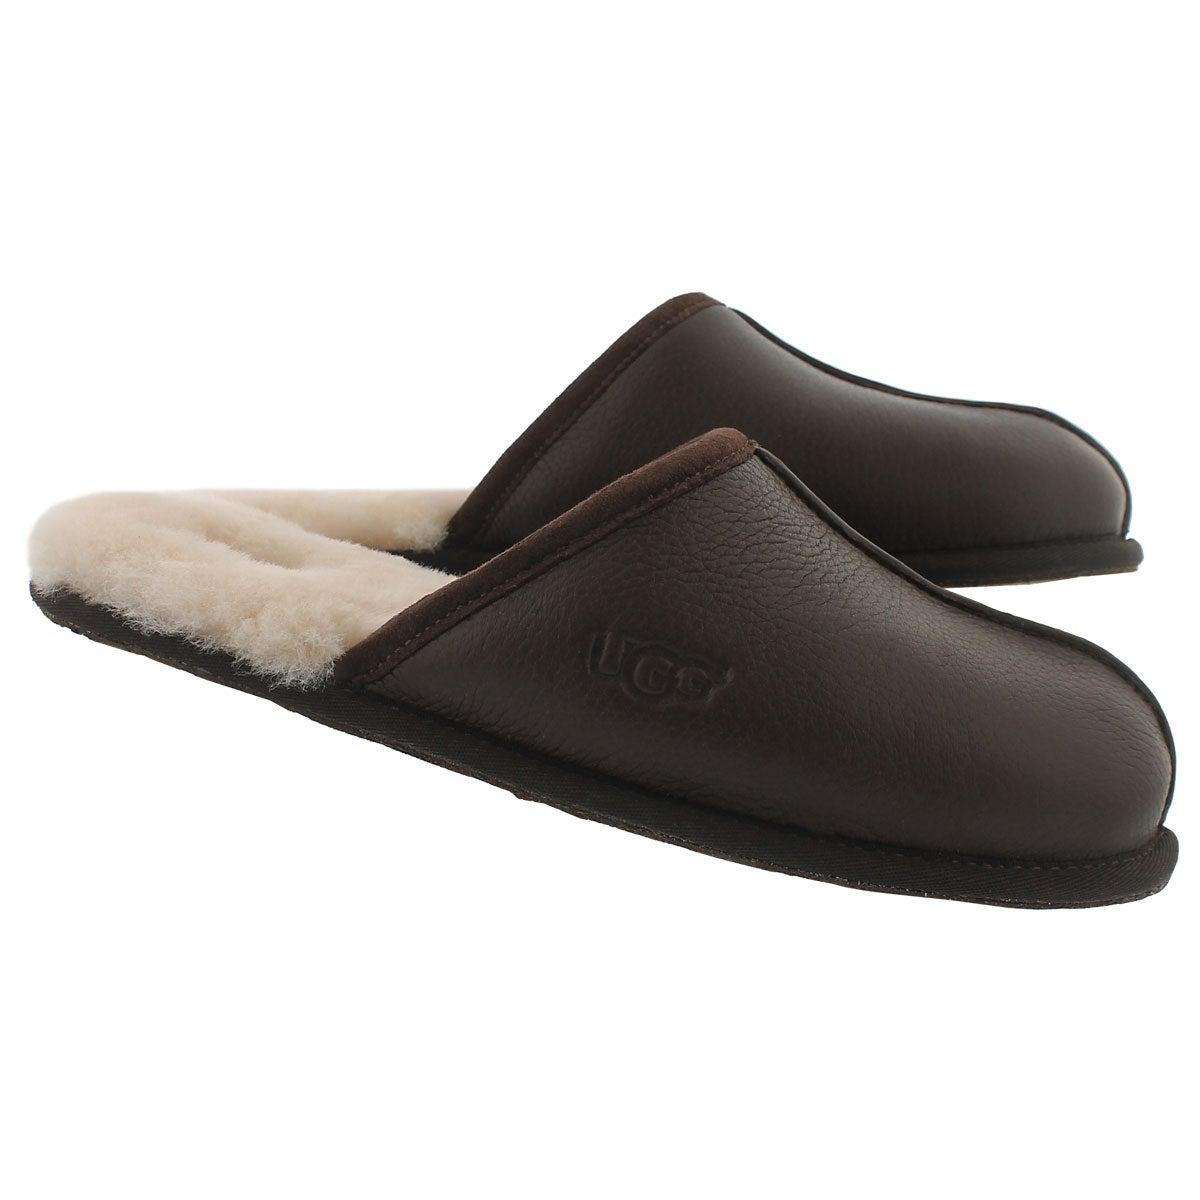 Pantoufle SCUFF, mouton brun stout, hom